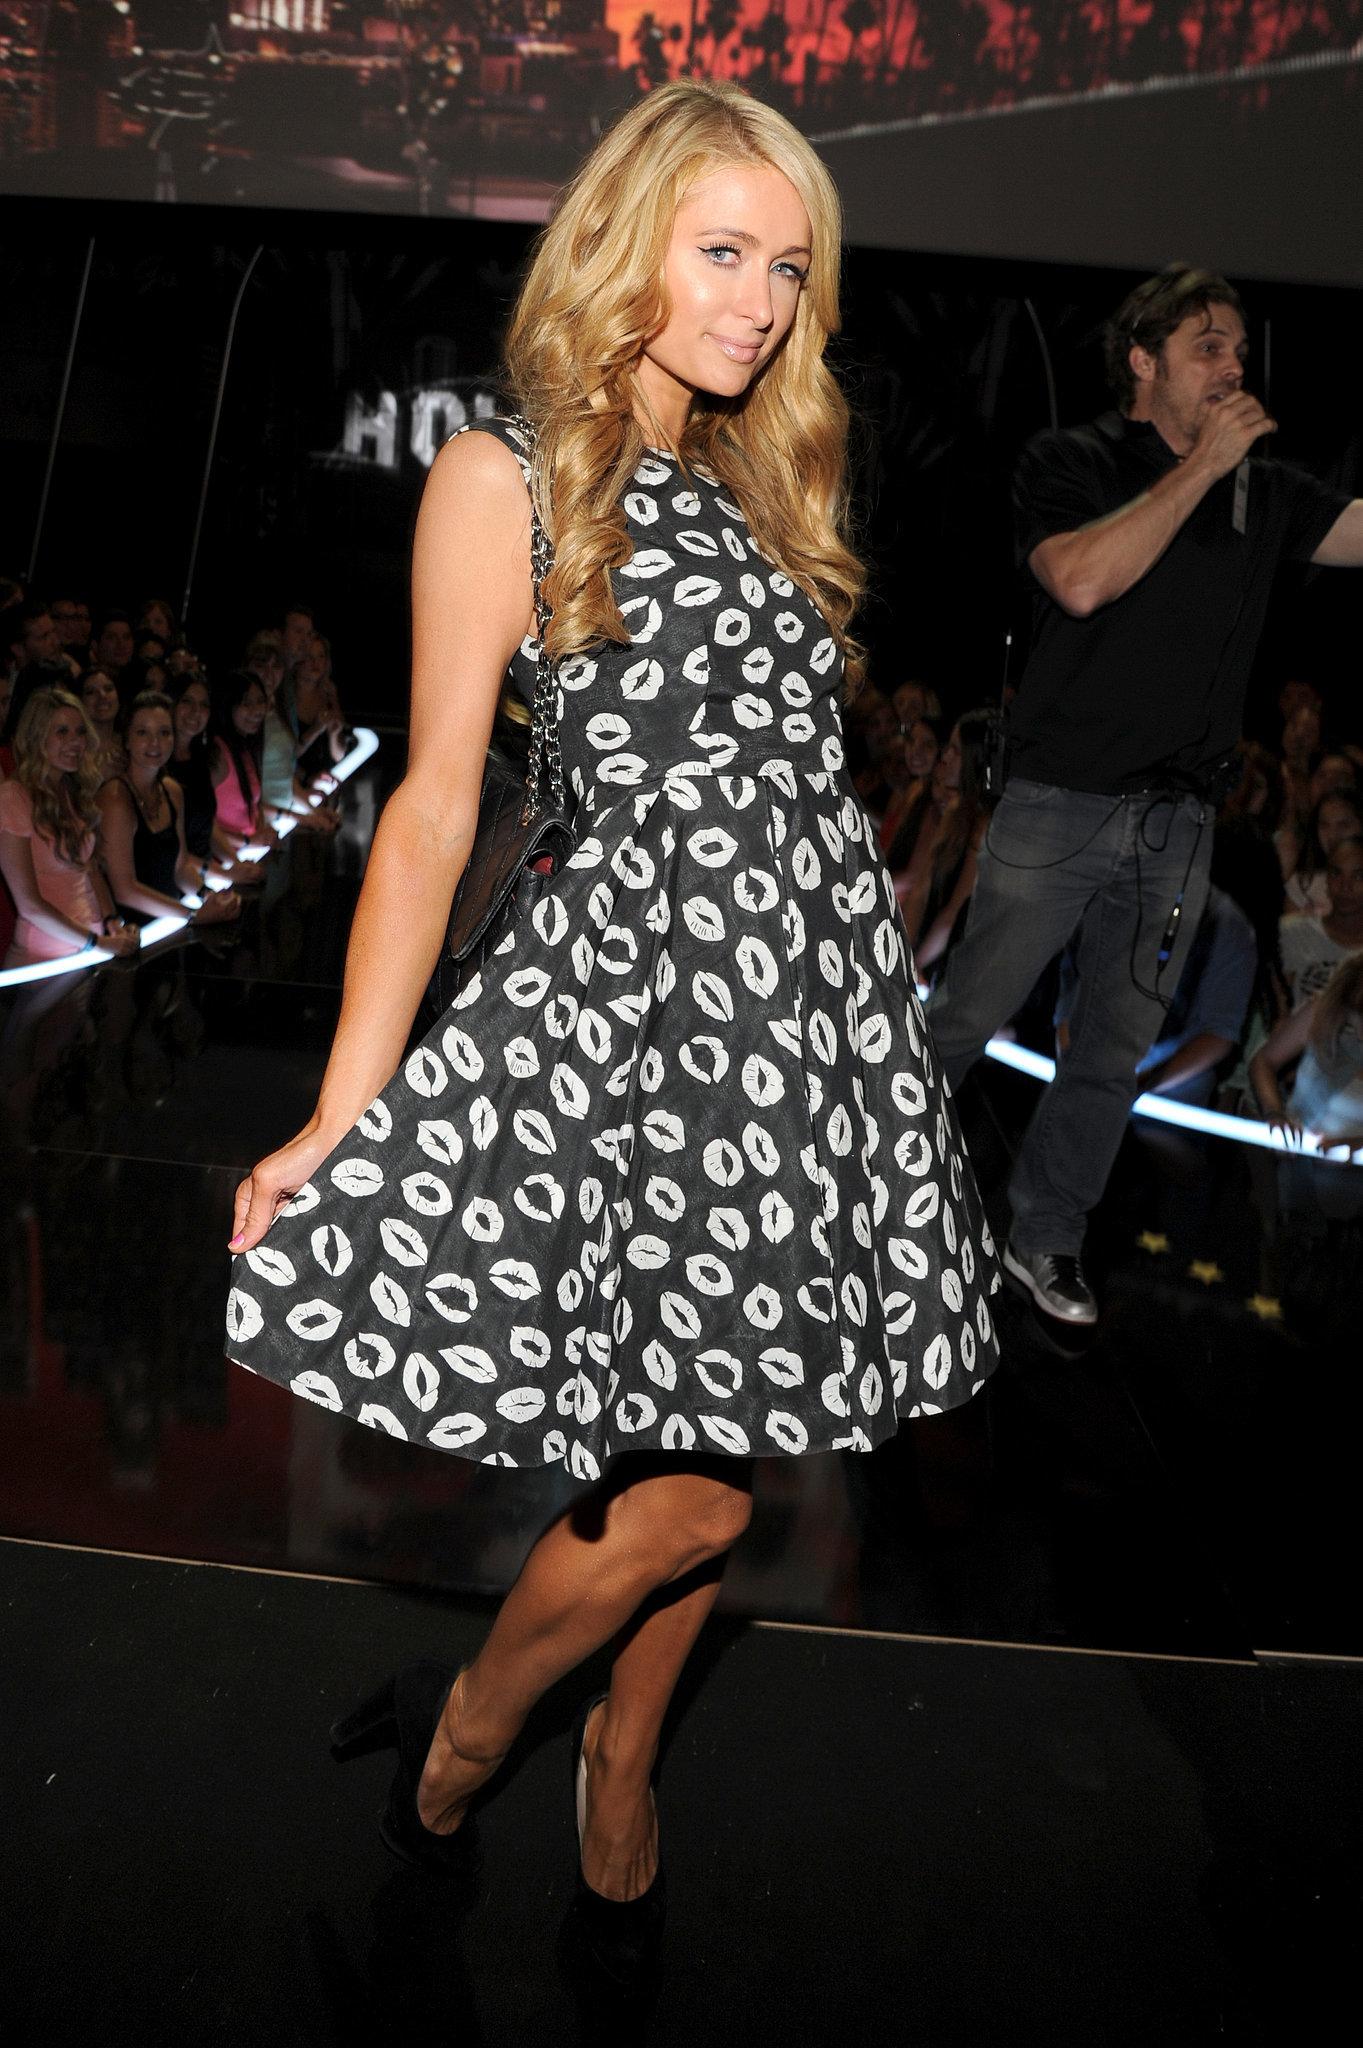 So Was Paris Hilton